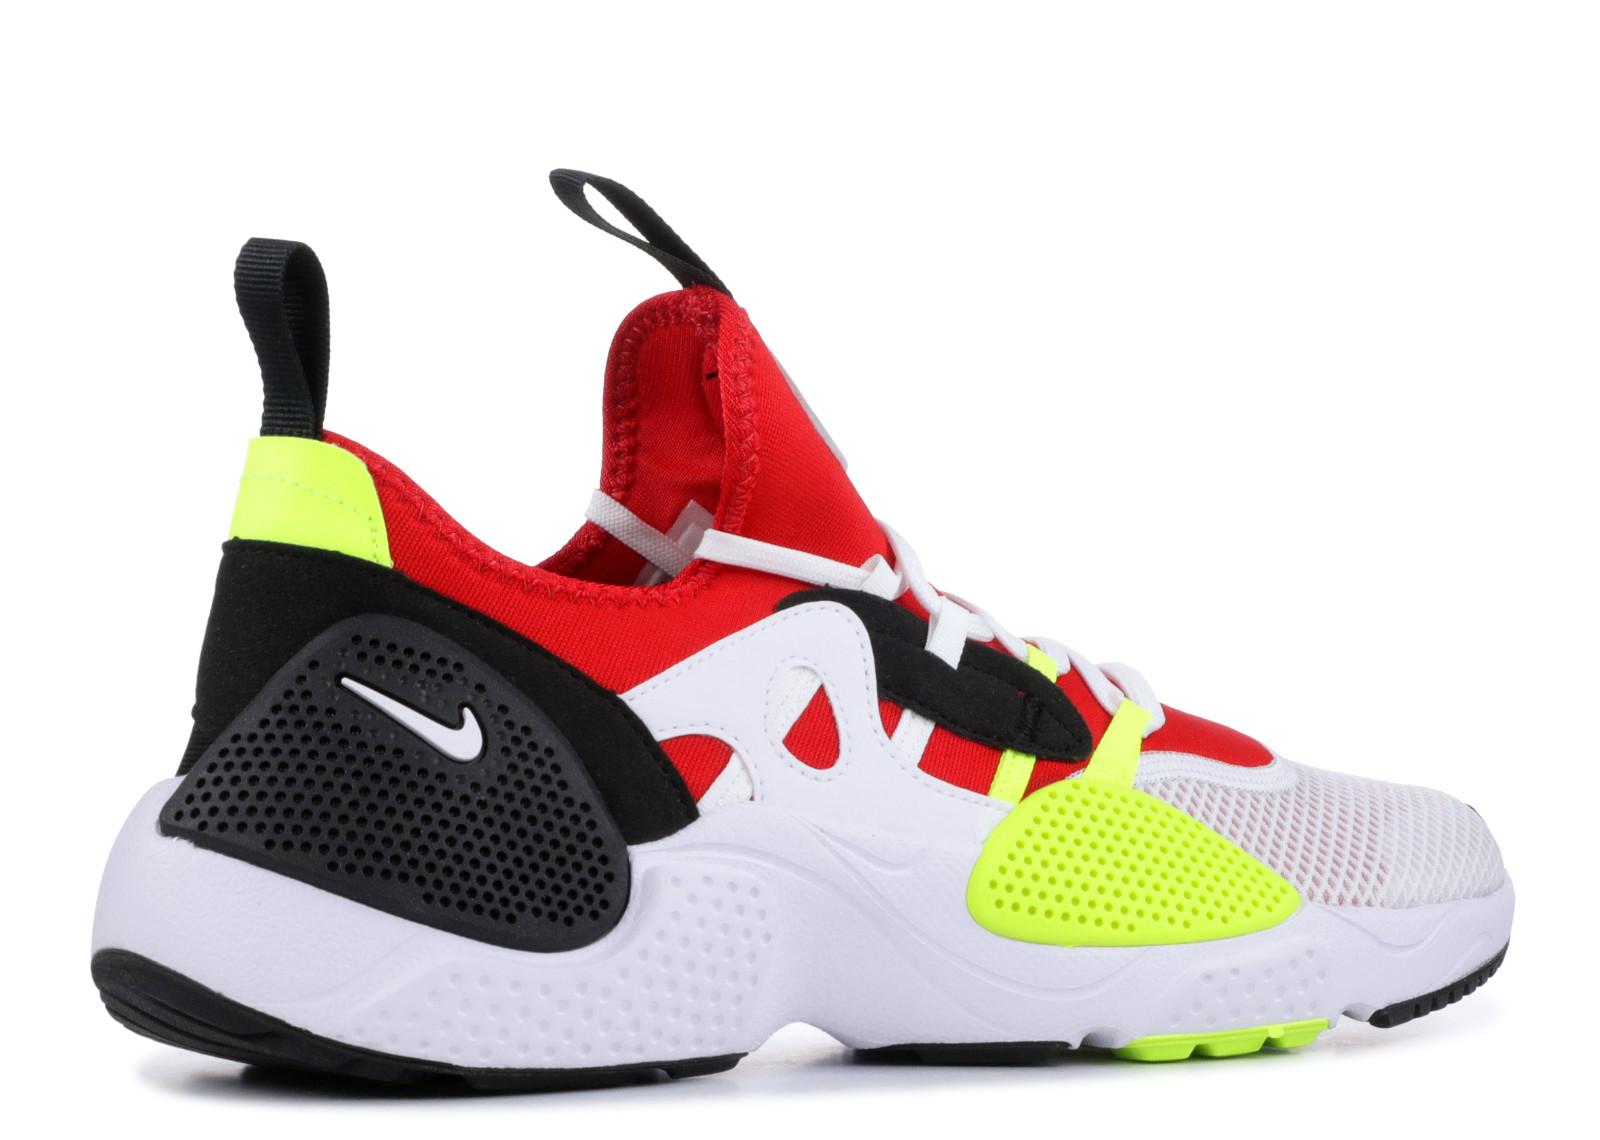 a791e9f8441e Nike Huarache Edge Txt White University Red Volt Black - 3